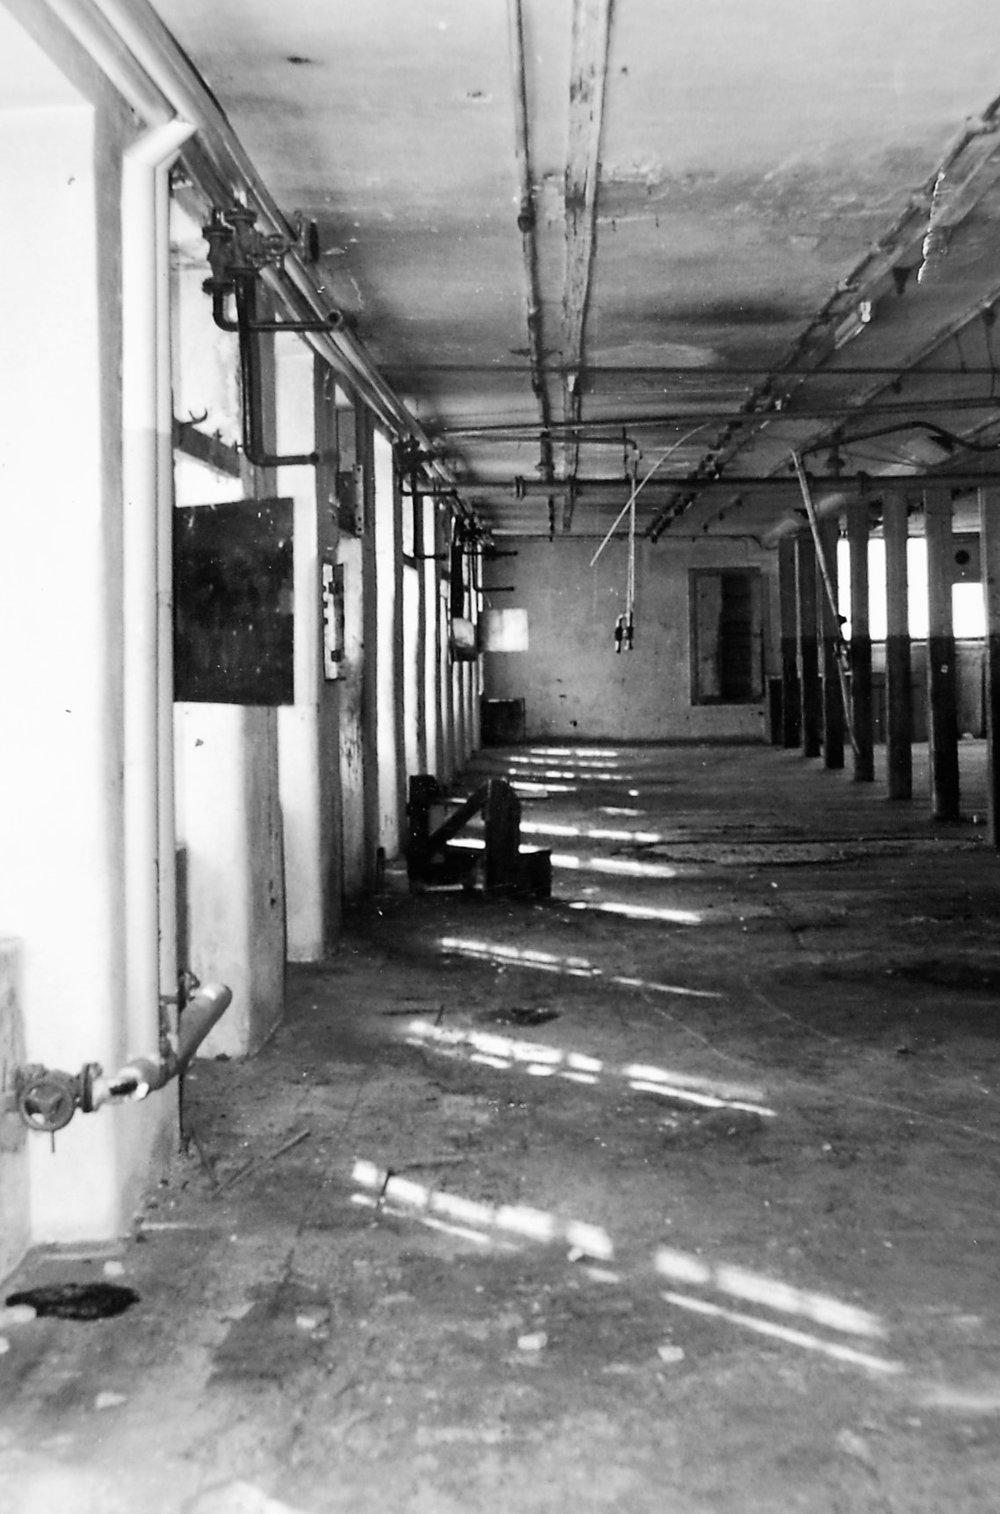 Ehemaliger Websaal, kurz vor dem Abbruch der Fabrik 1988  Foto um 1988 Gemeindearchiv Thüringen